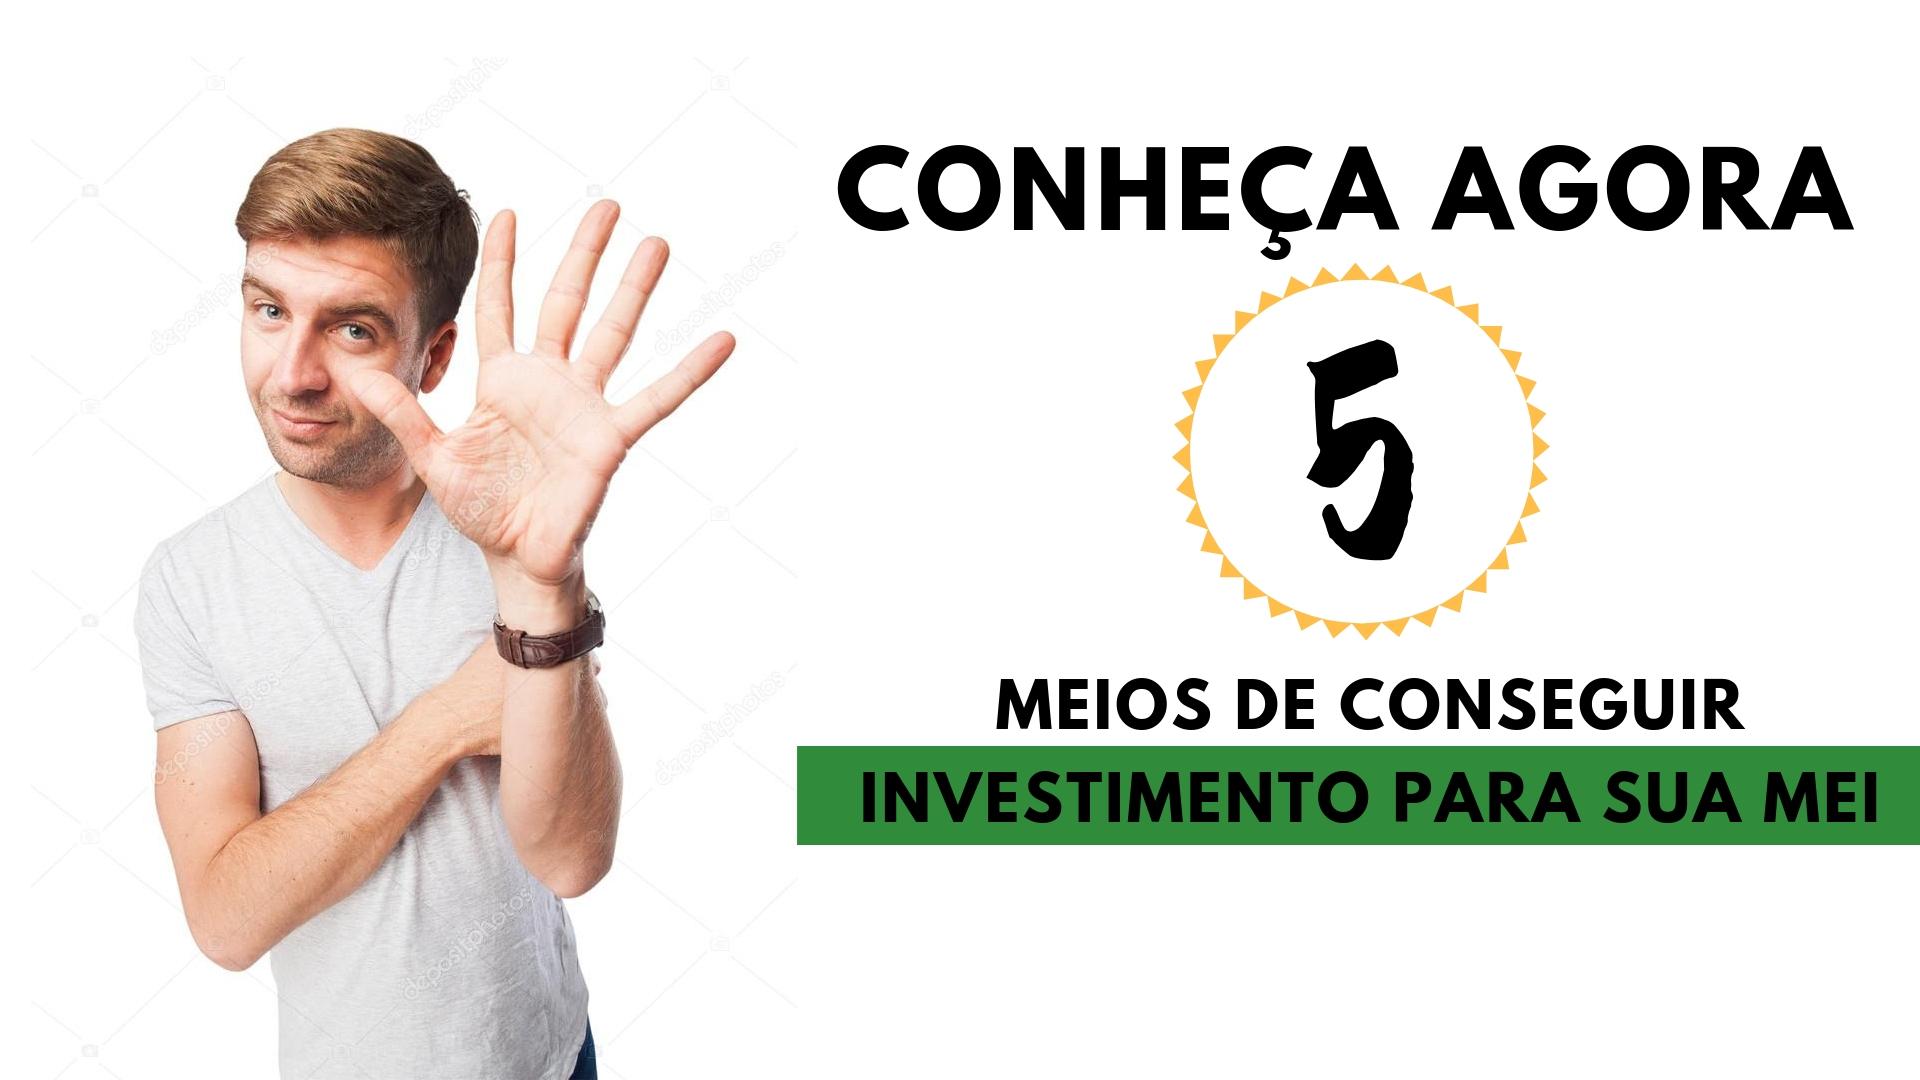 Conheça Agora 5 Meios De Conseguir Investimento Para Sua MEI